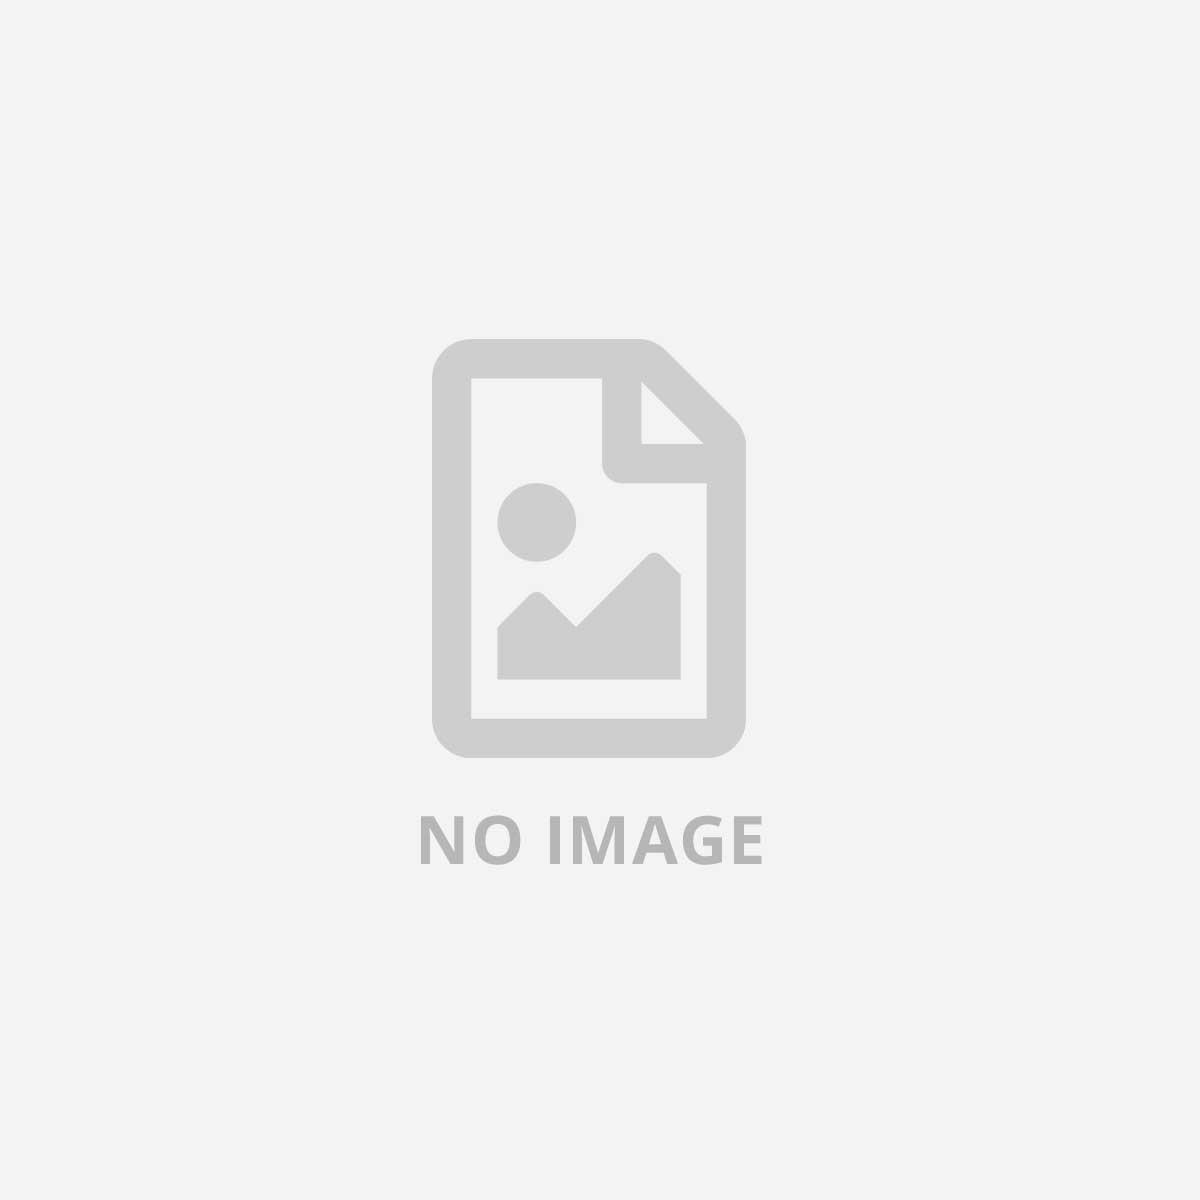 TRANSCEND 32GB  M.2 2280 SSD  SATA3  MLC